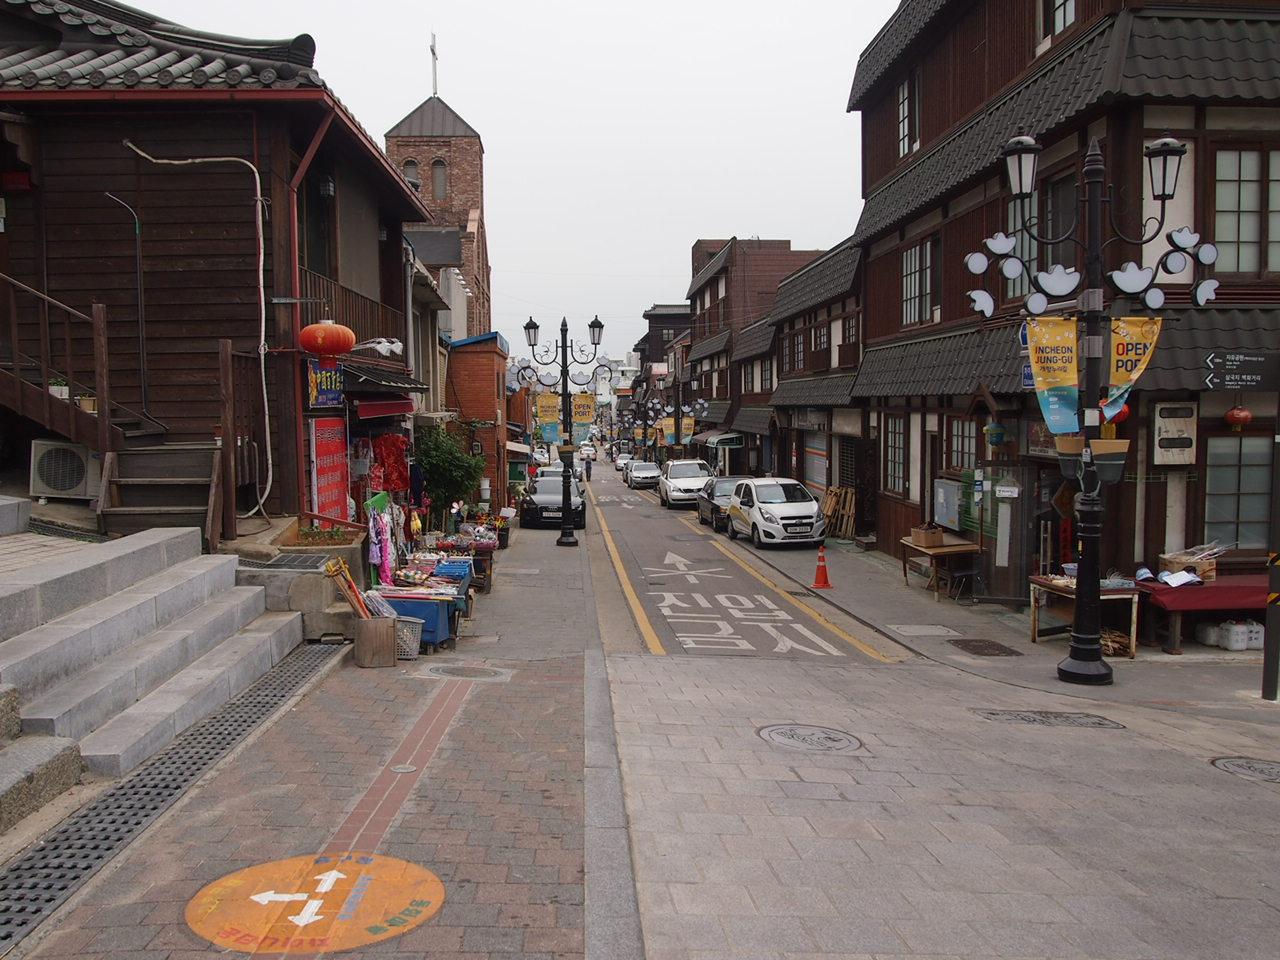 2016年4月 大邱中心の旅 part11 仁川散策2旧日本人街1 : 韓国ホリック ...